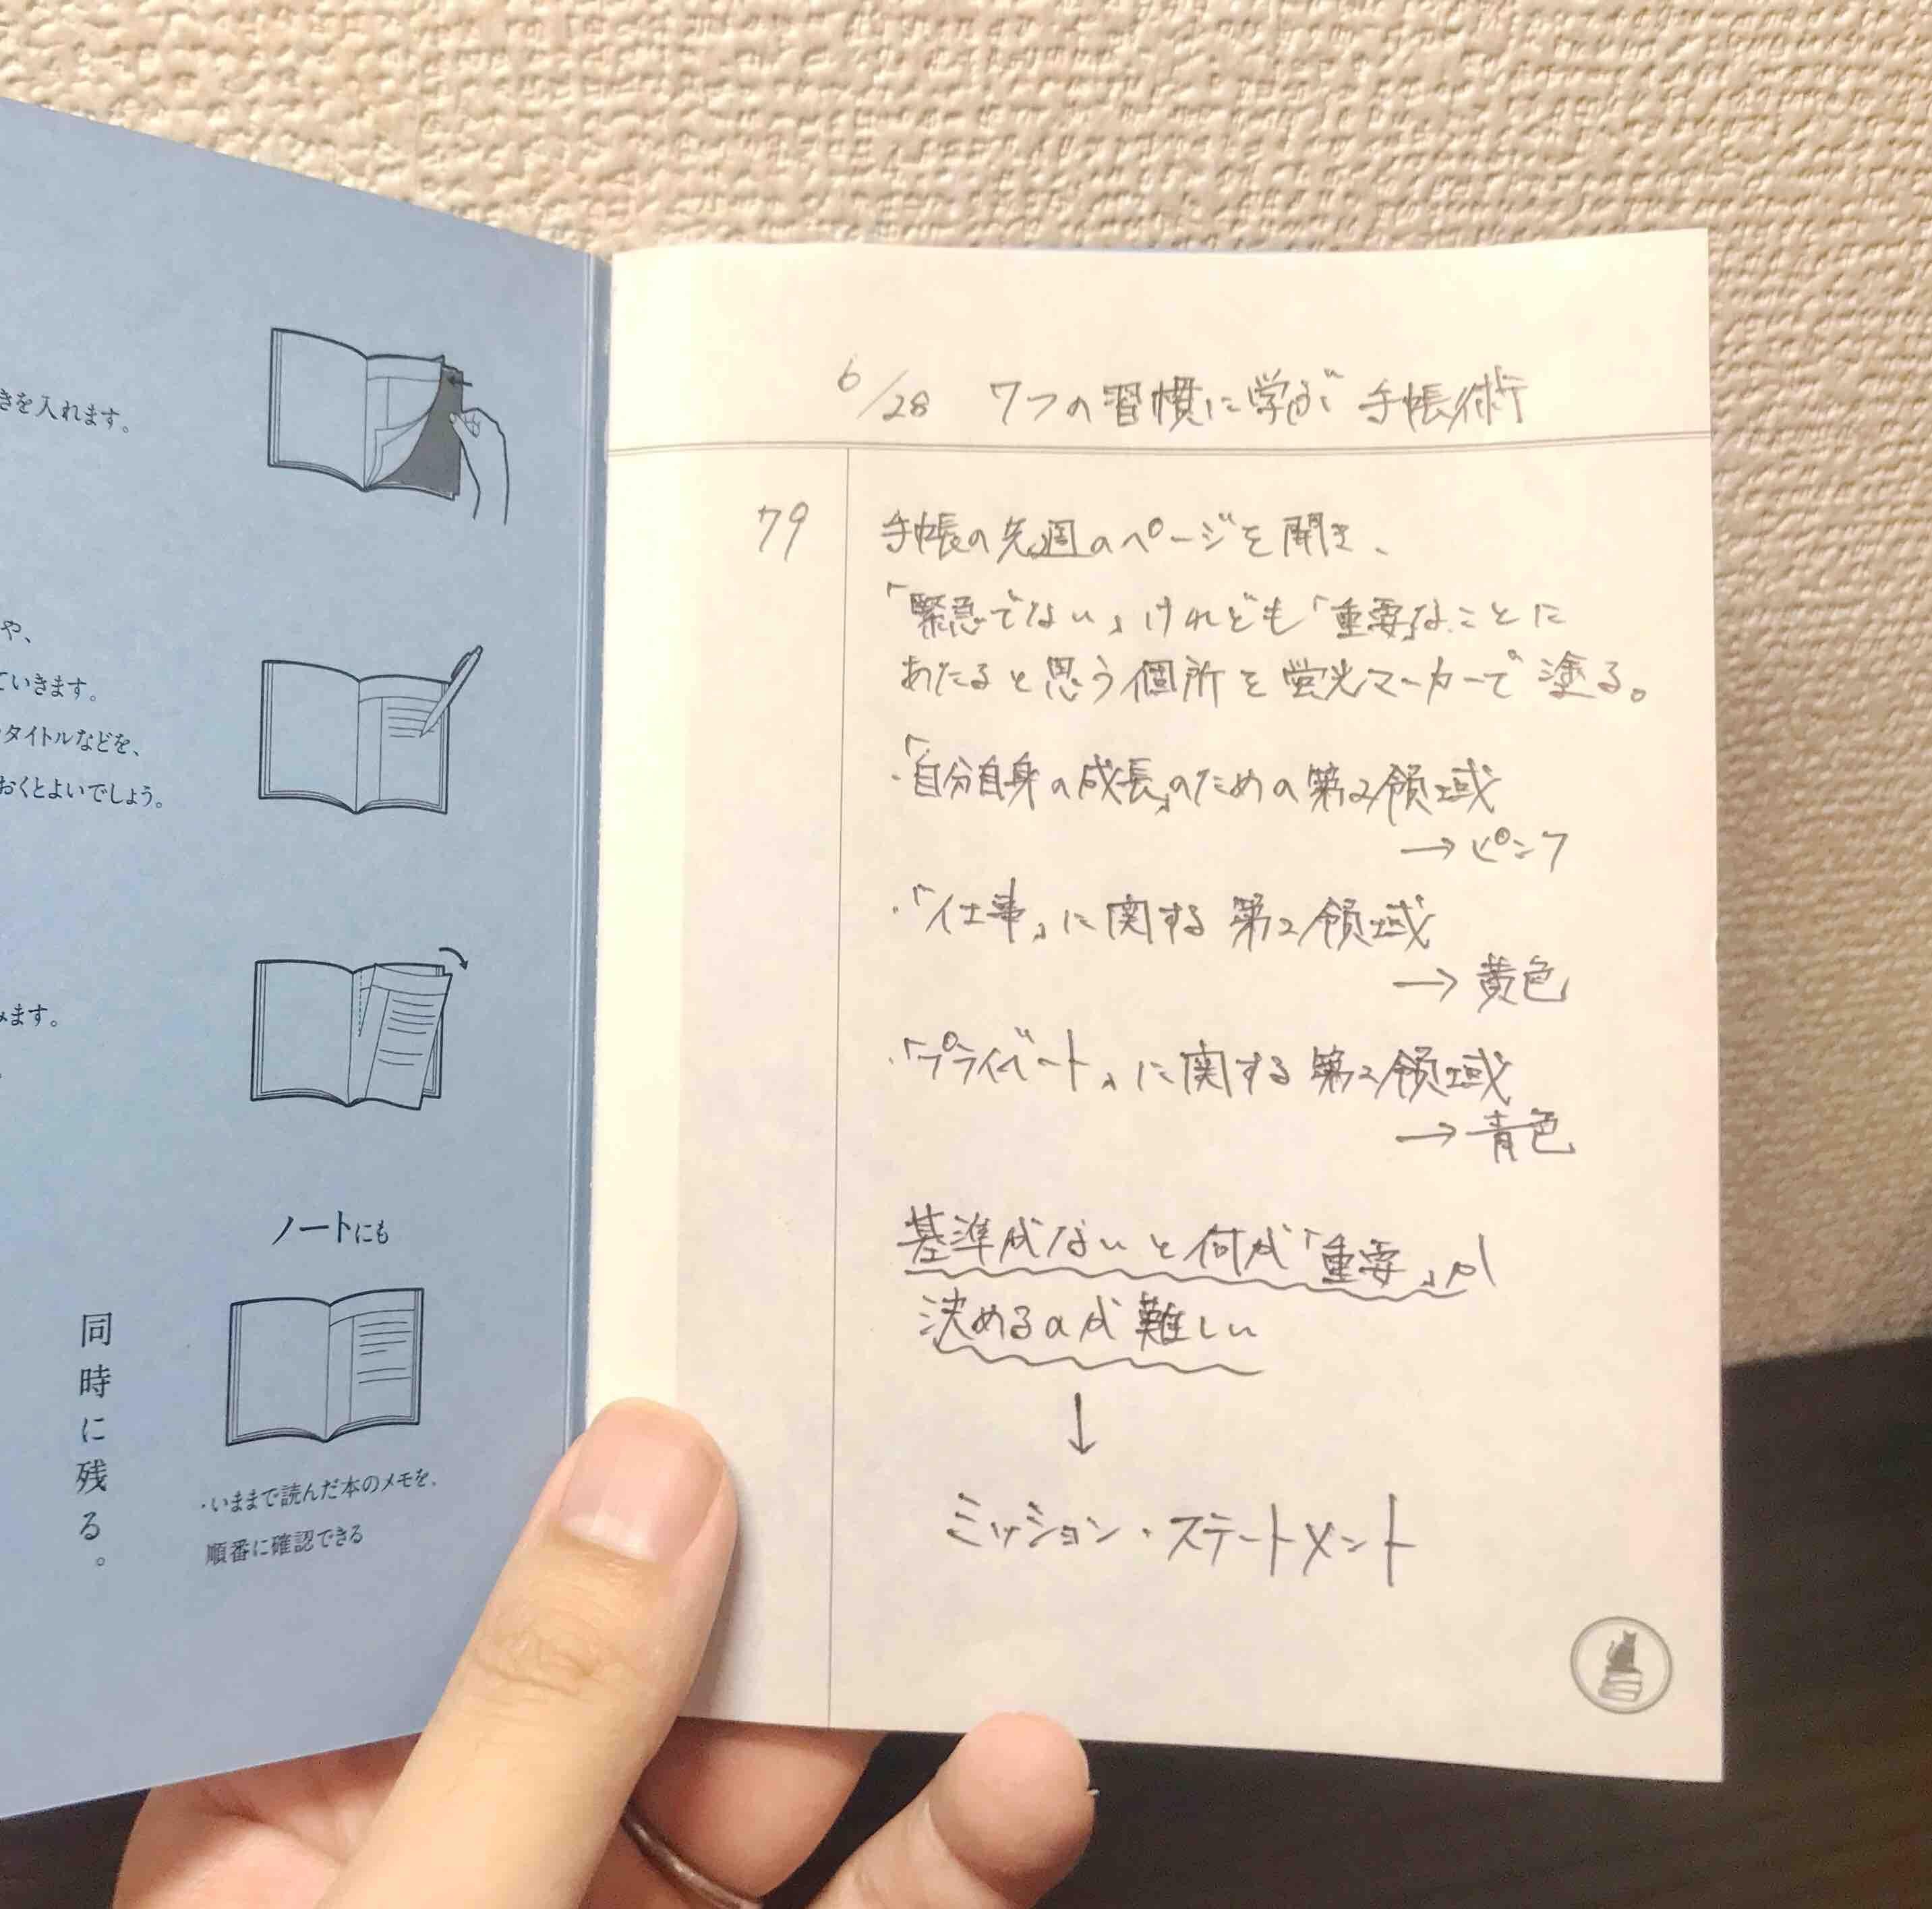 カーボンコピーリーディングノート ノート本誌は時系列